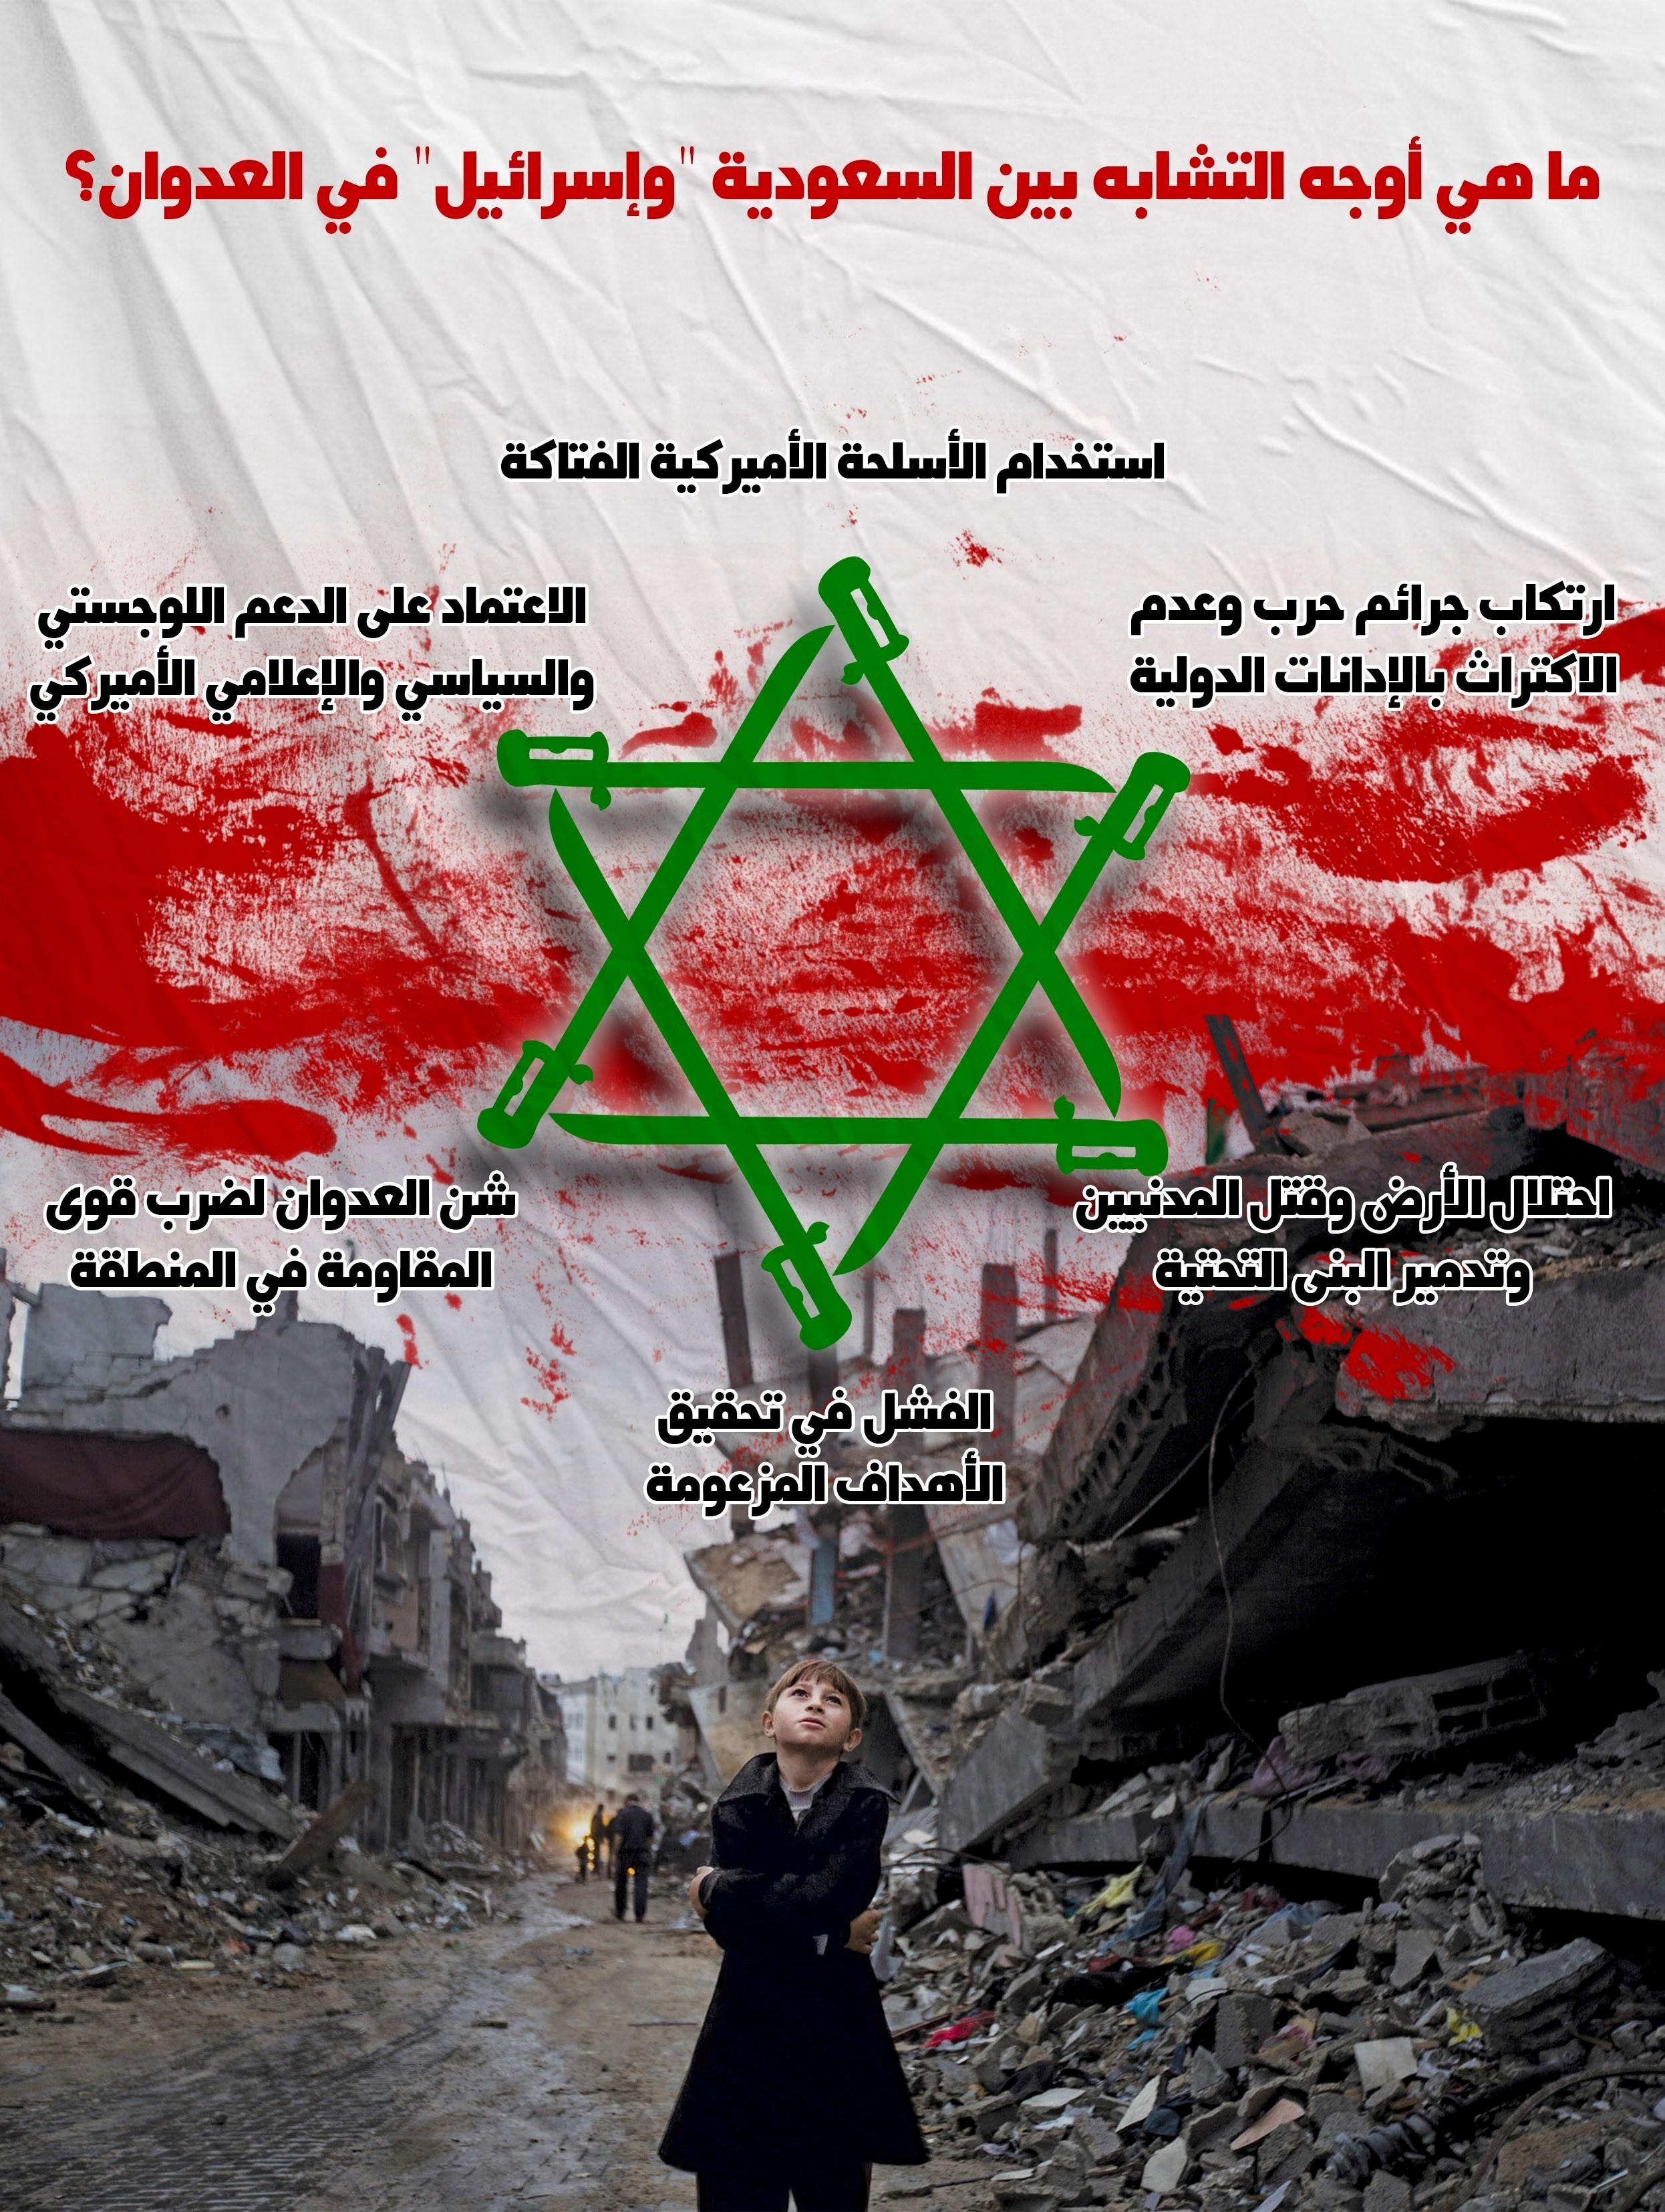 """انفوجرافیک: ماهی أوجه التشابه بین """"اسرائیل"""" والسعودیه فی العدوان؟"""